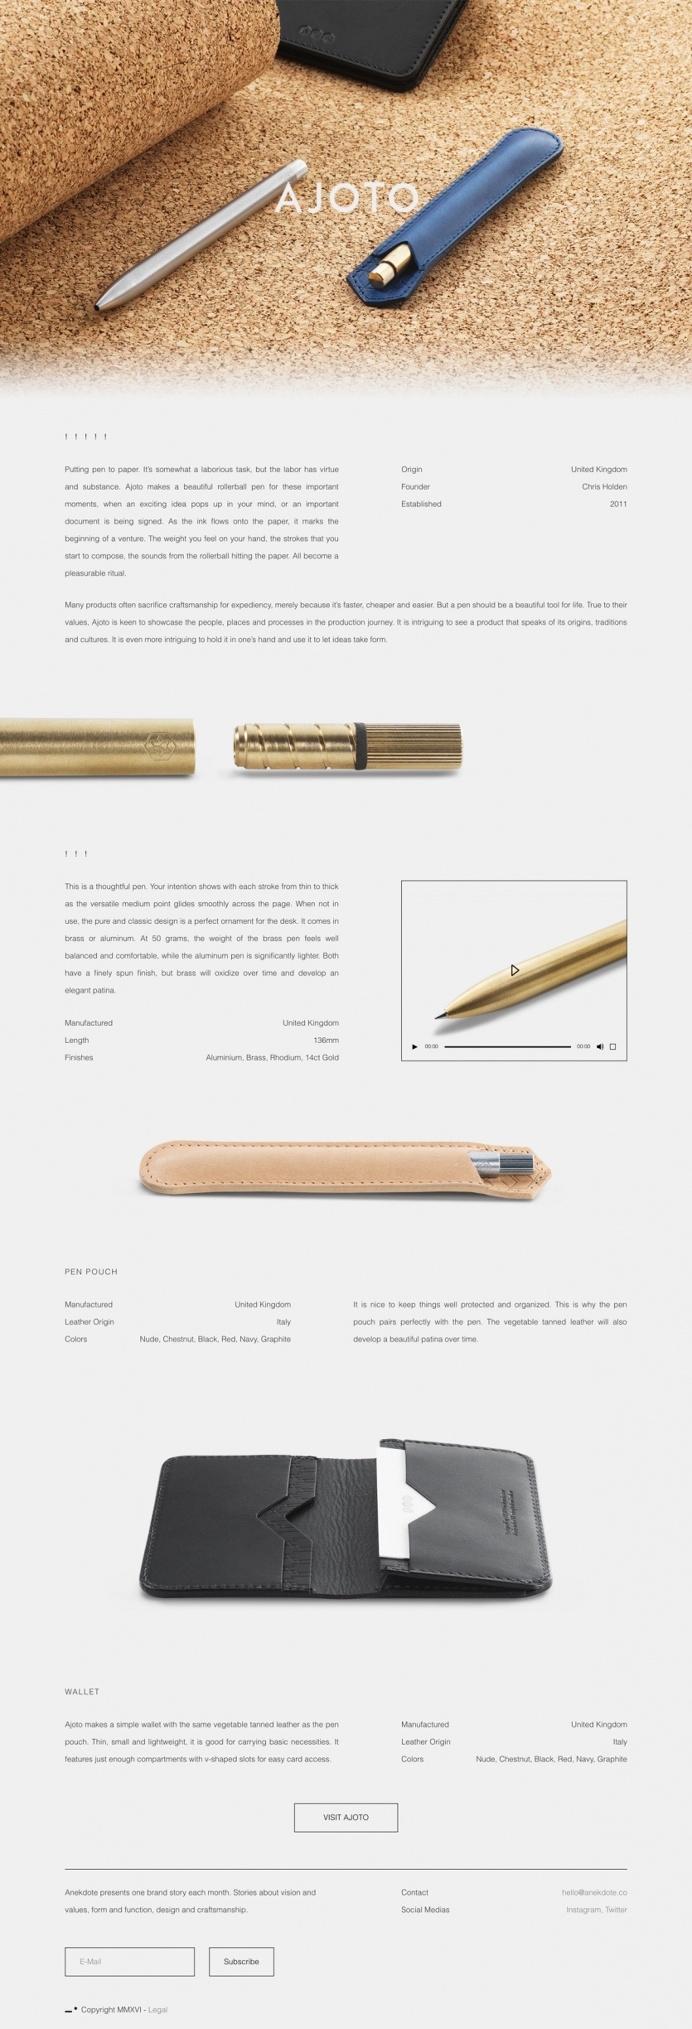 anekdote ajoto webdesign design buy online products, designer new brandnew inspiration inspire designblog www.mindsparklemag.com website sit